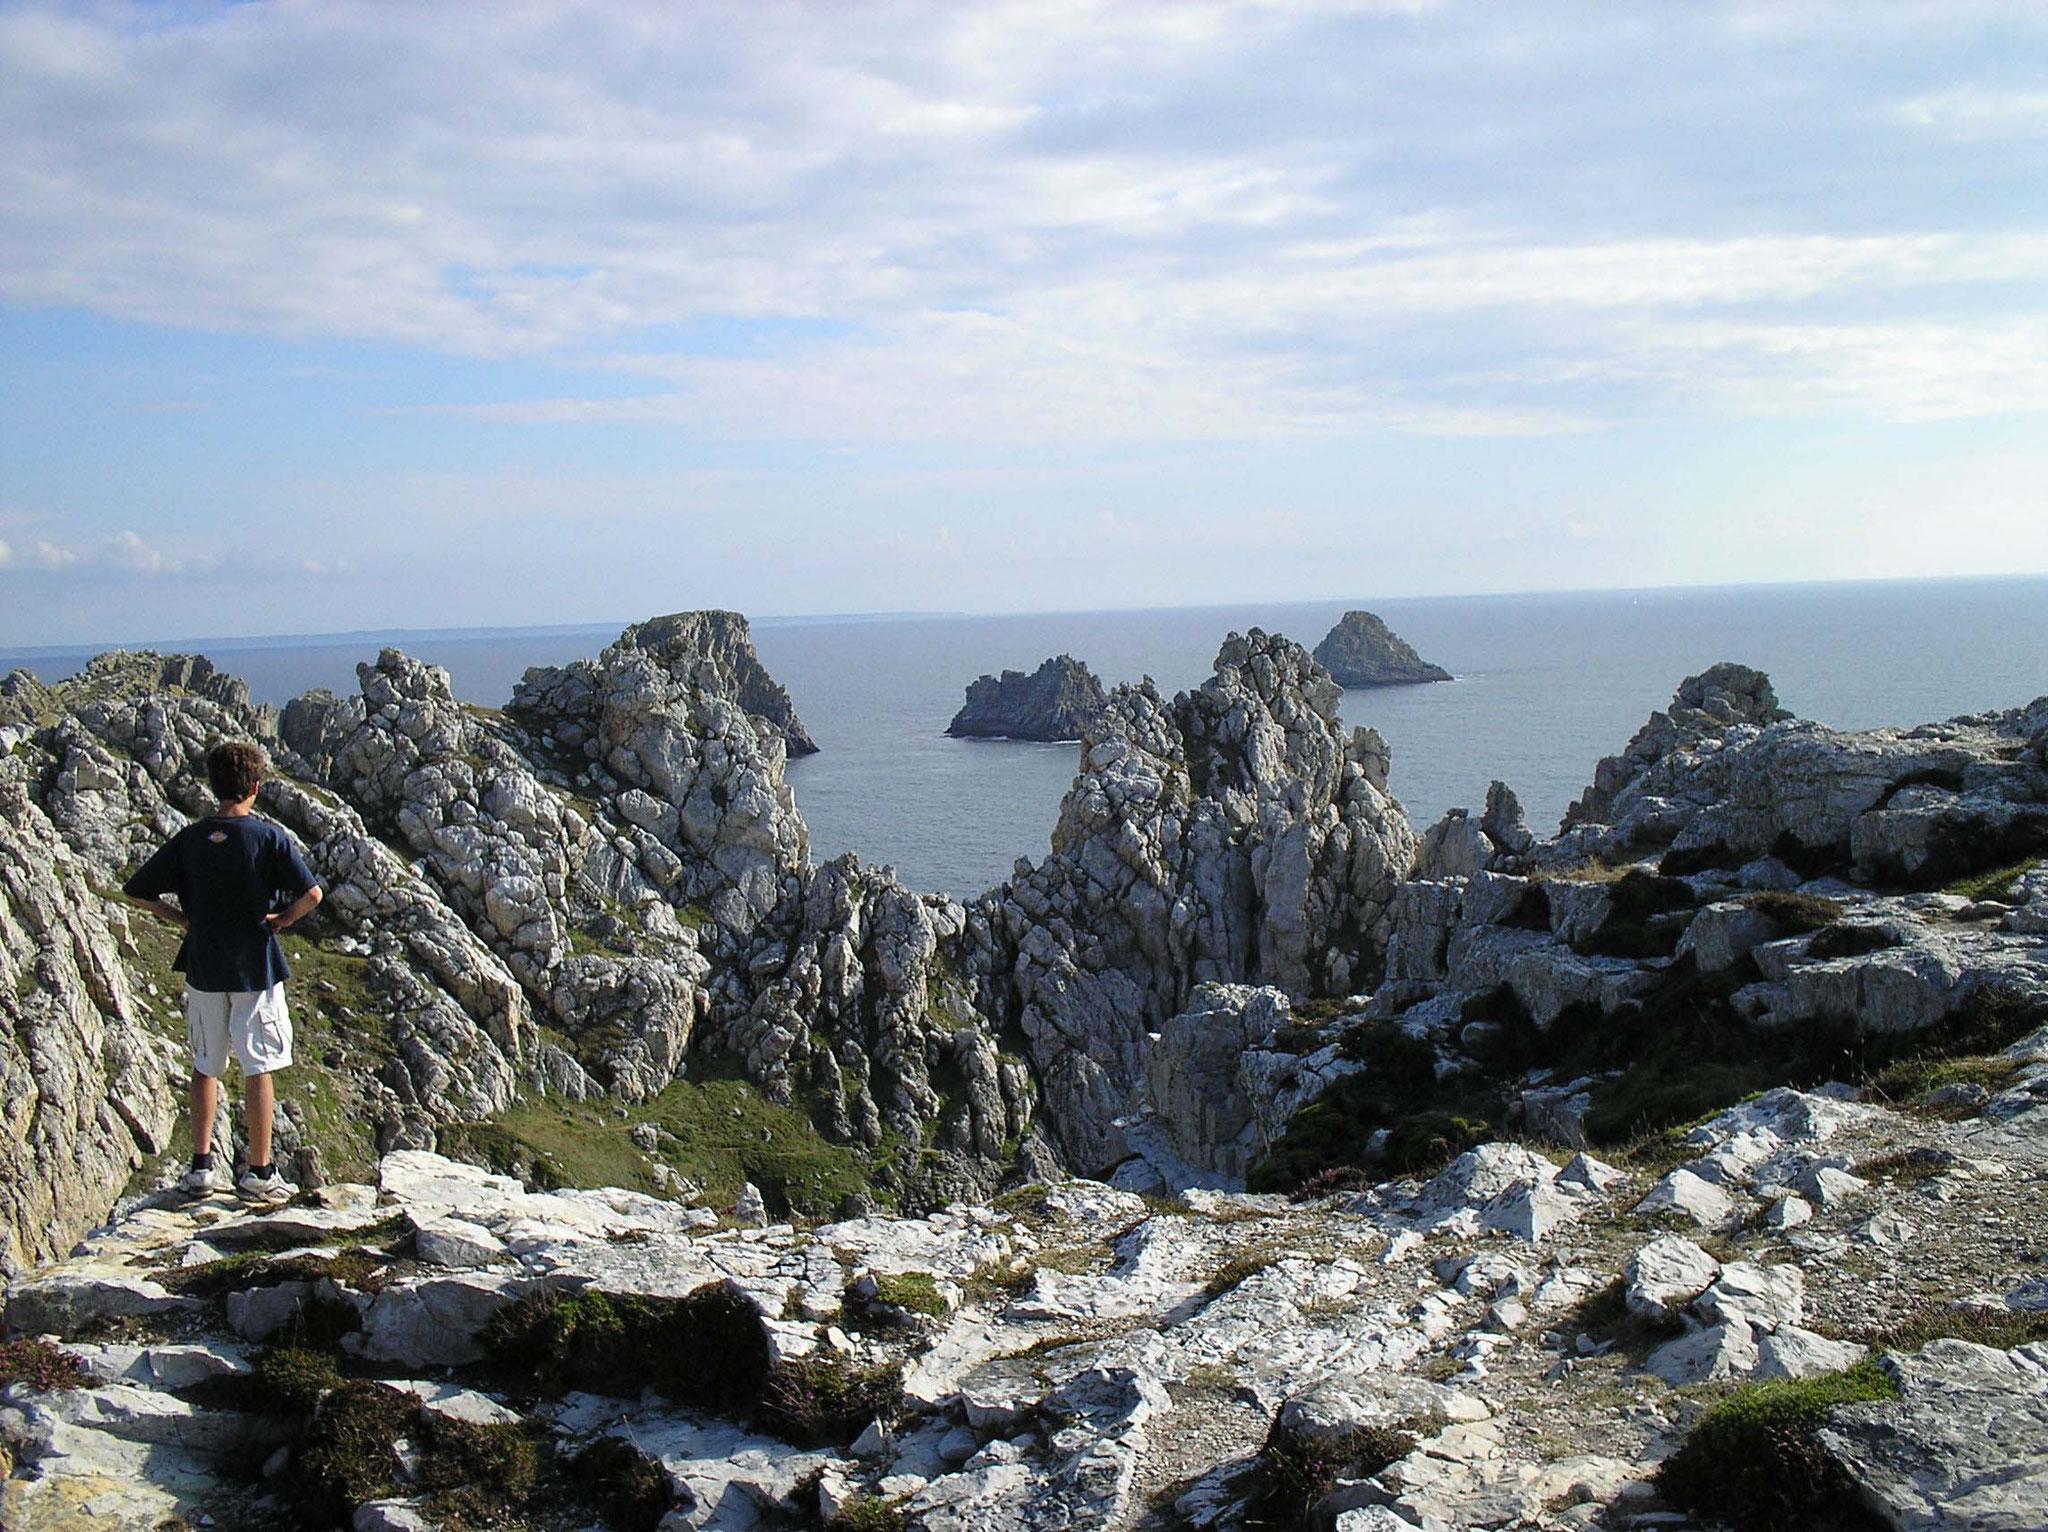 """Leonore und Bernhard Gramsch besuchten die Küste bei  Anse de Pen-Hir,  Bretagne, Frankreich: »Die Kelten, die vor knapp 1500 Jahren die bretonische Halbinsel besiedelten, gaben ihr den Namen Armorika,  Land am Meer."""""""